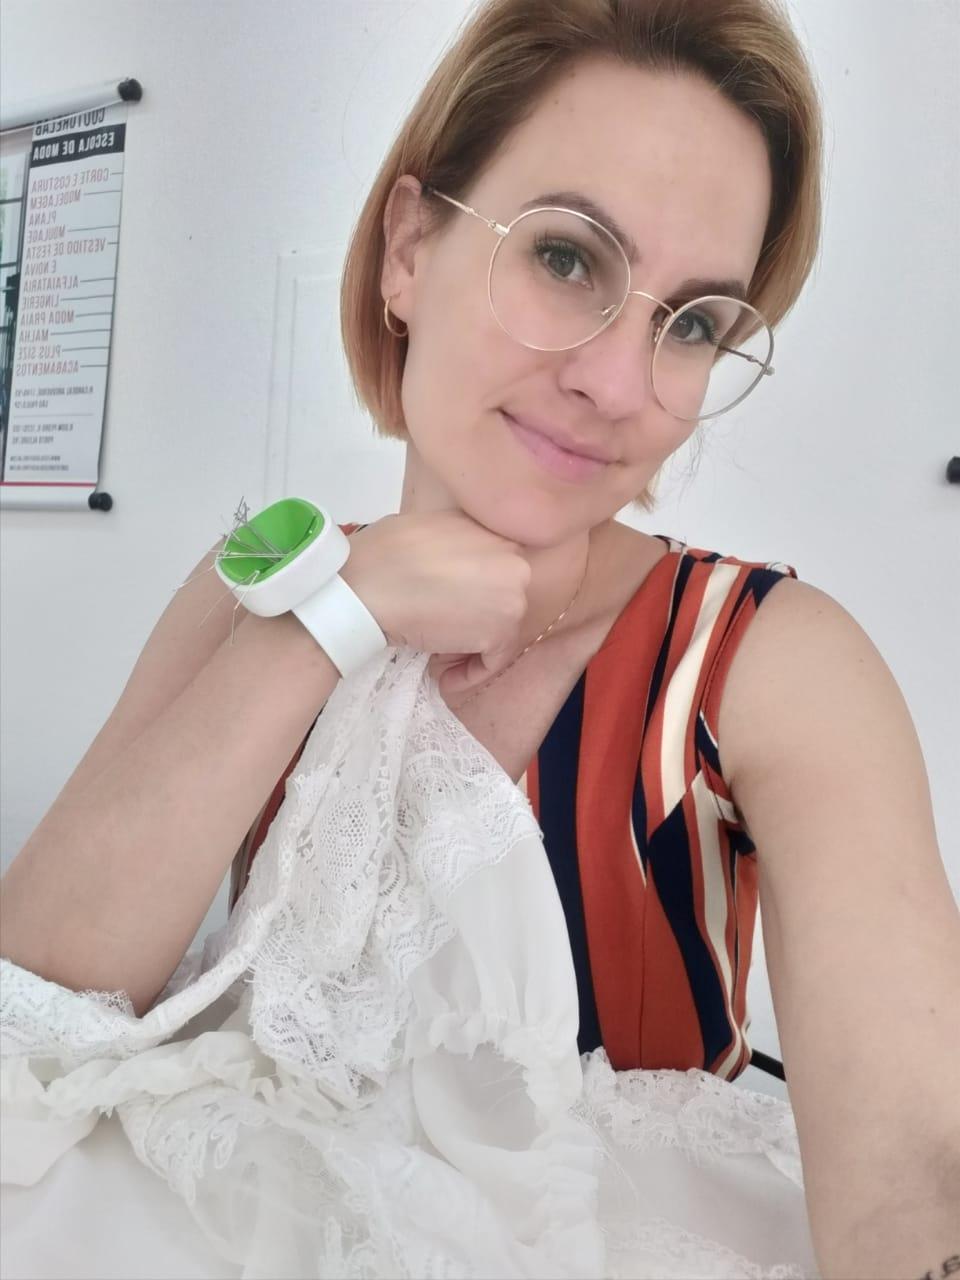 Estilista Carolina Dela Pace participa de um curso e realiza entrevista para Lucimara Parisi em São Paulo